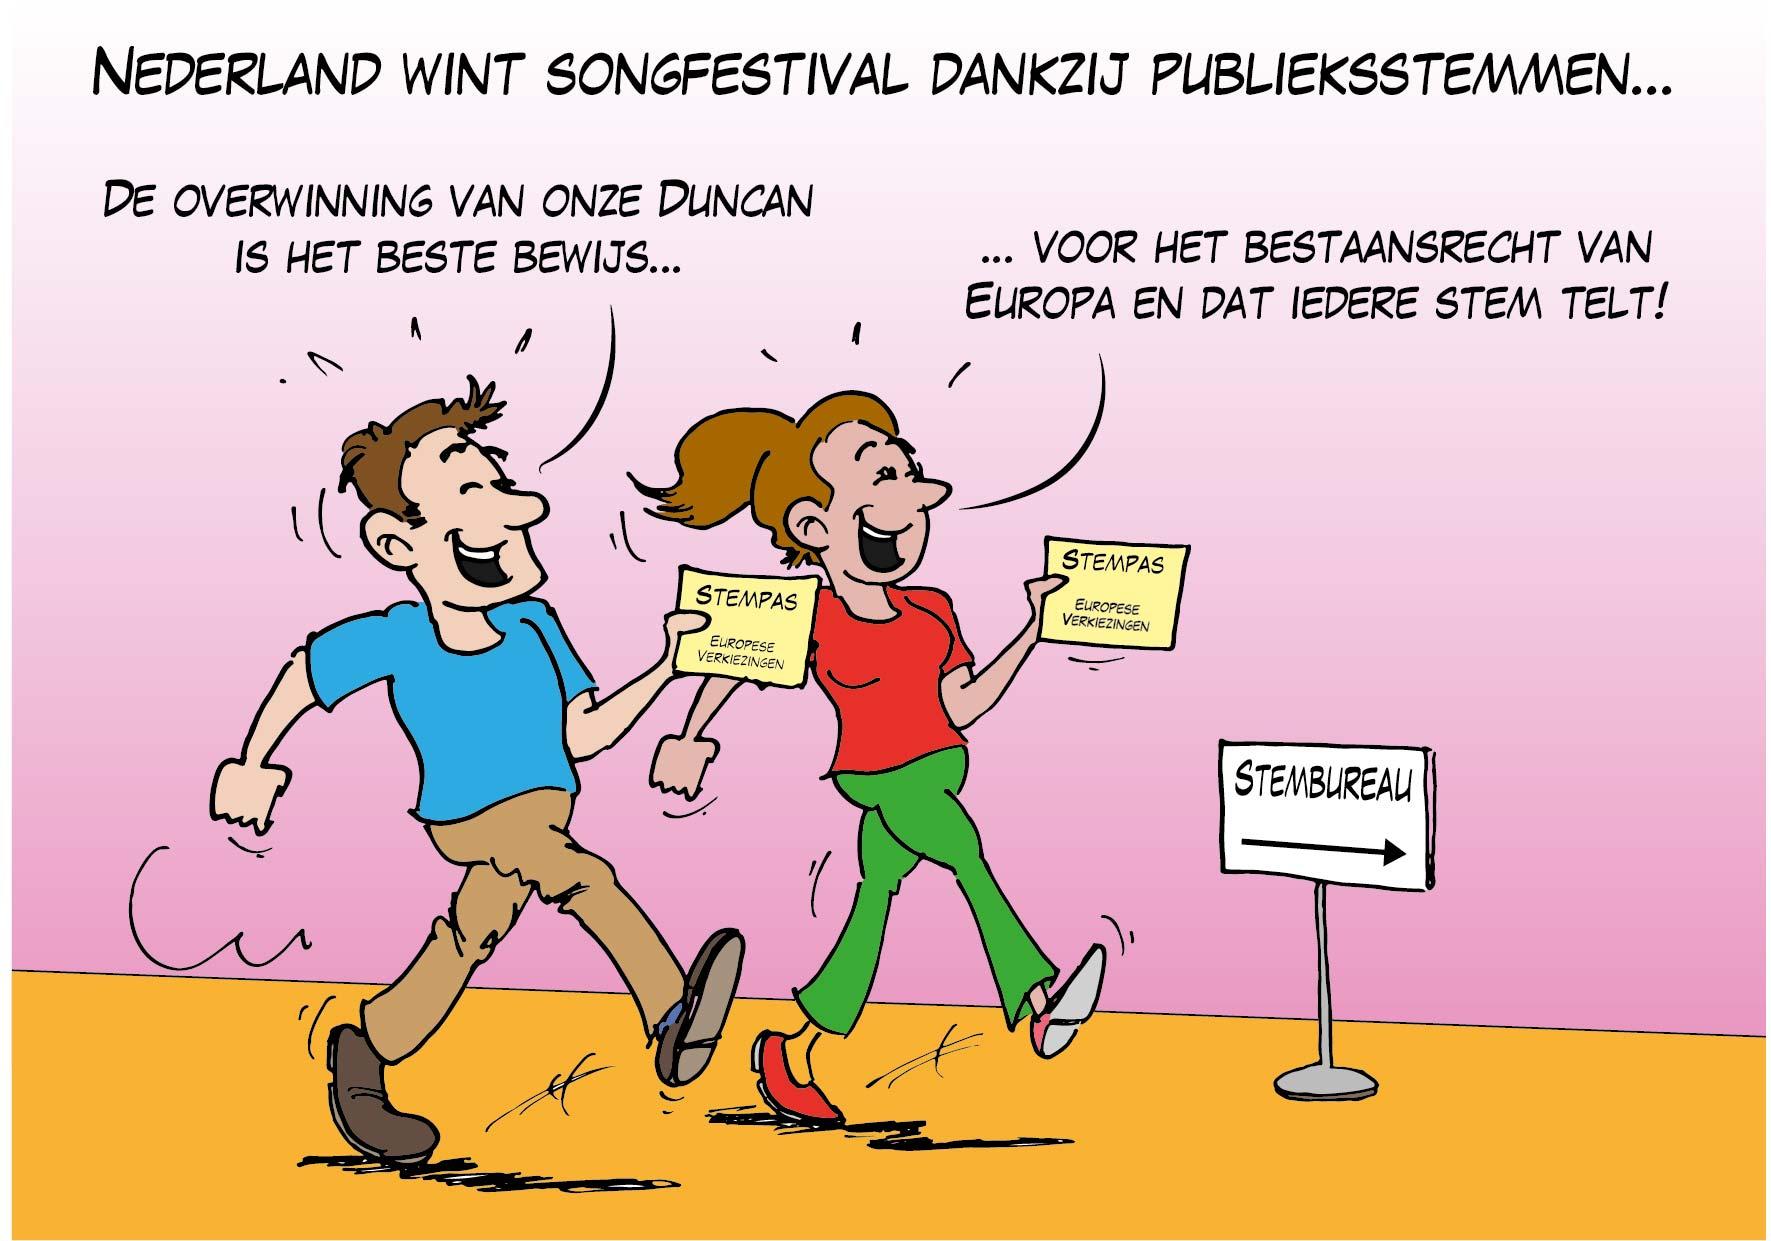 Nederland wint Songfestival dankzij publieksstemmen…